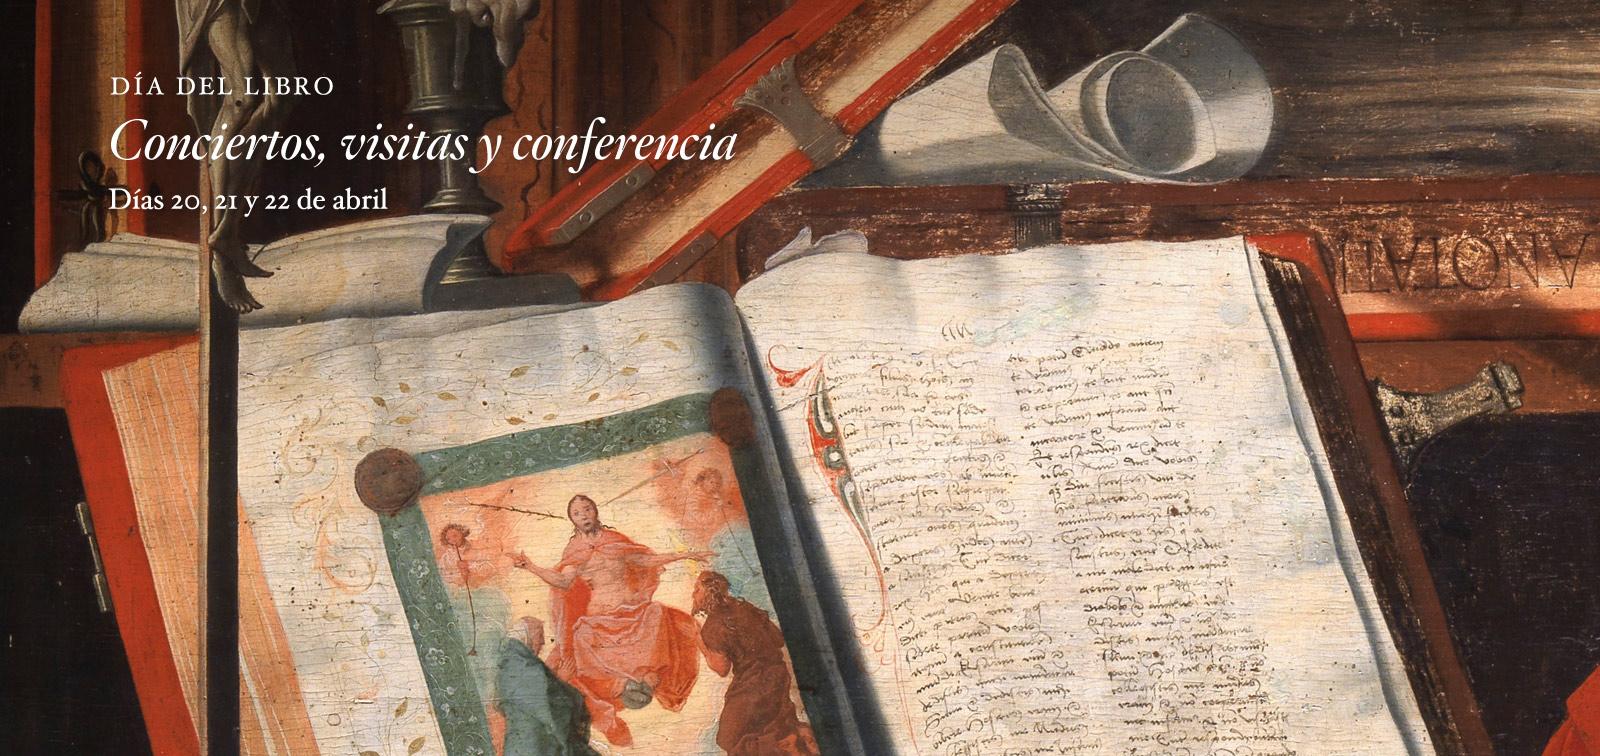 Día del Libro. Conciertos, visitas y conferencia